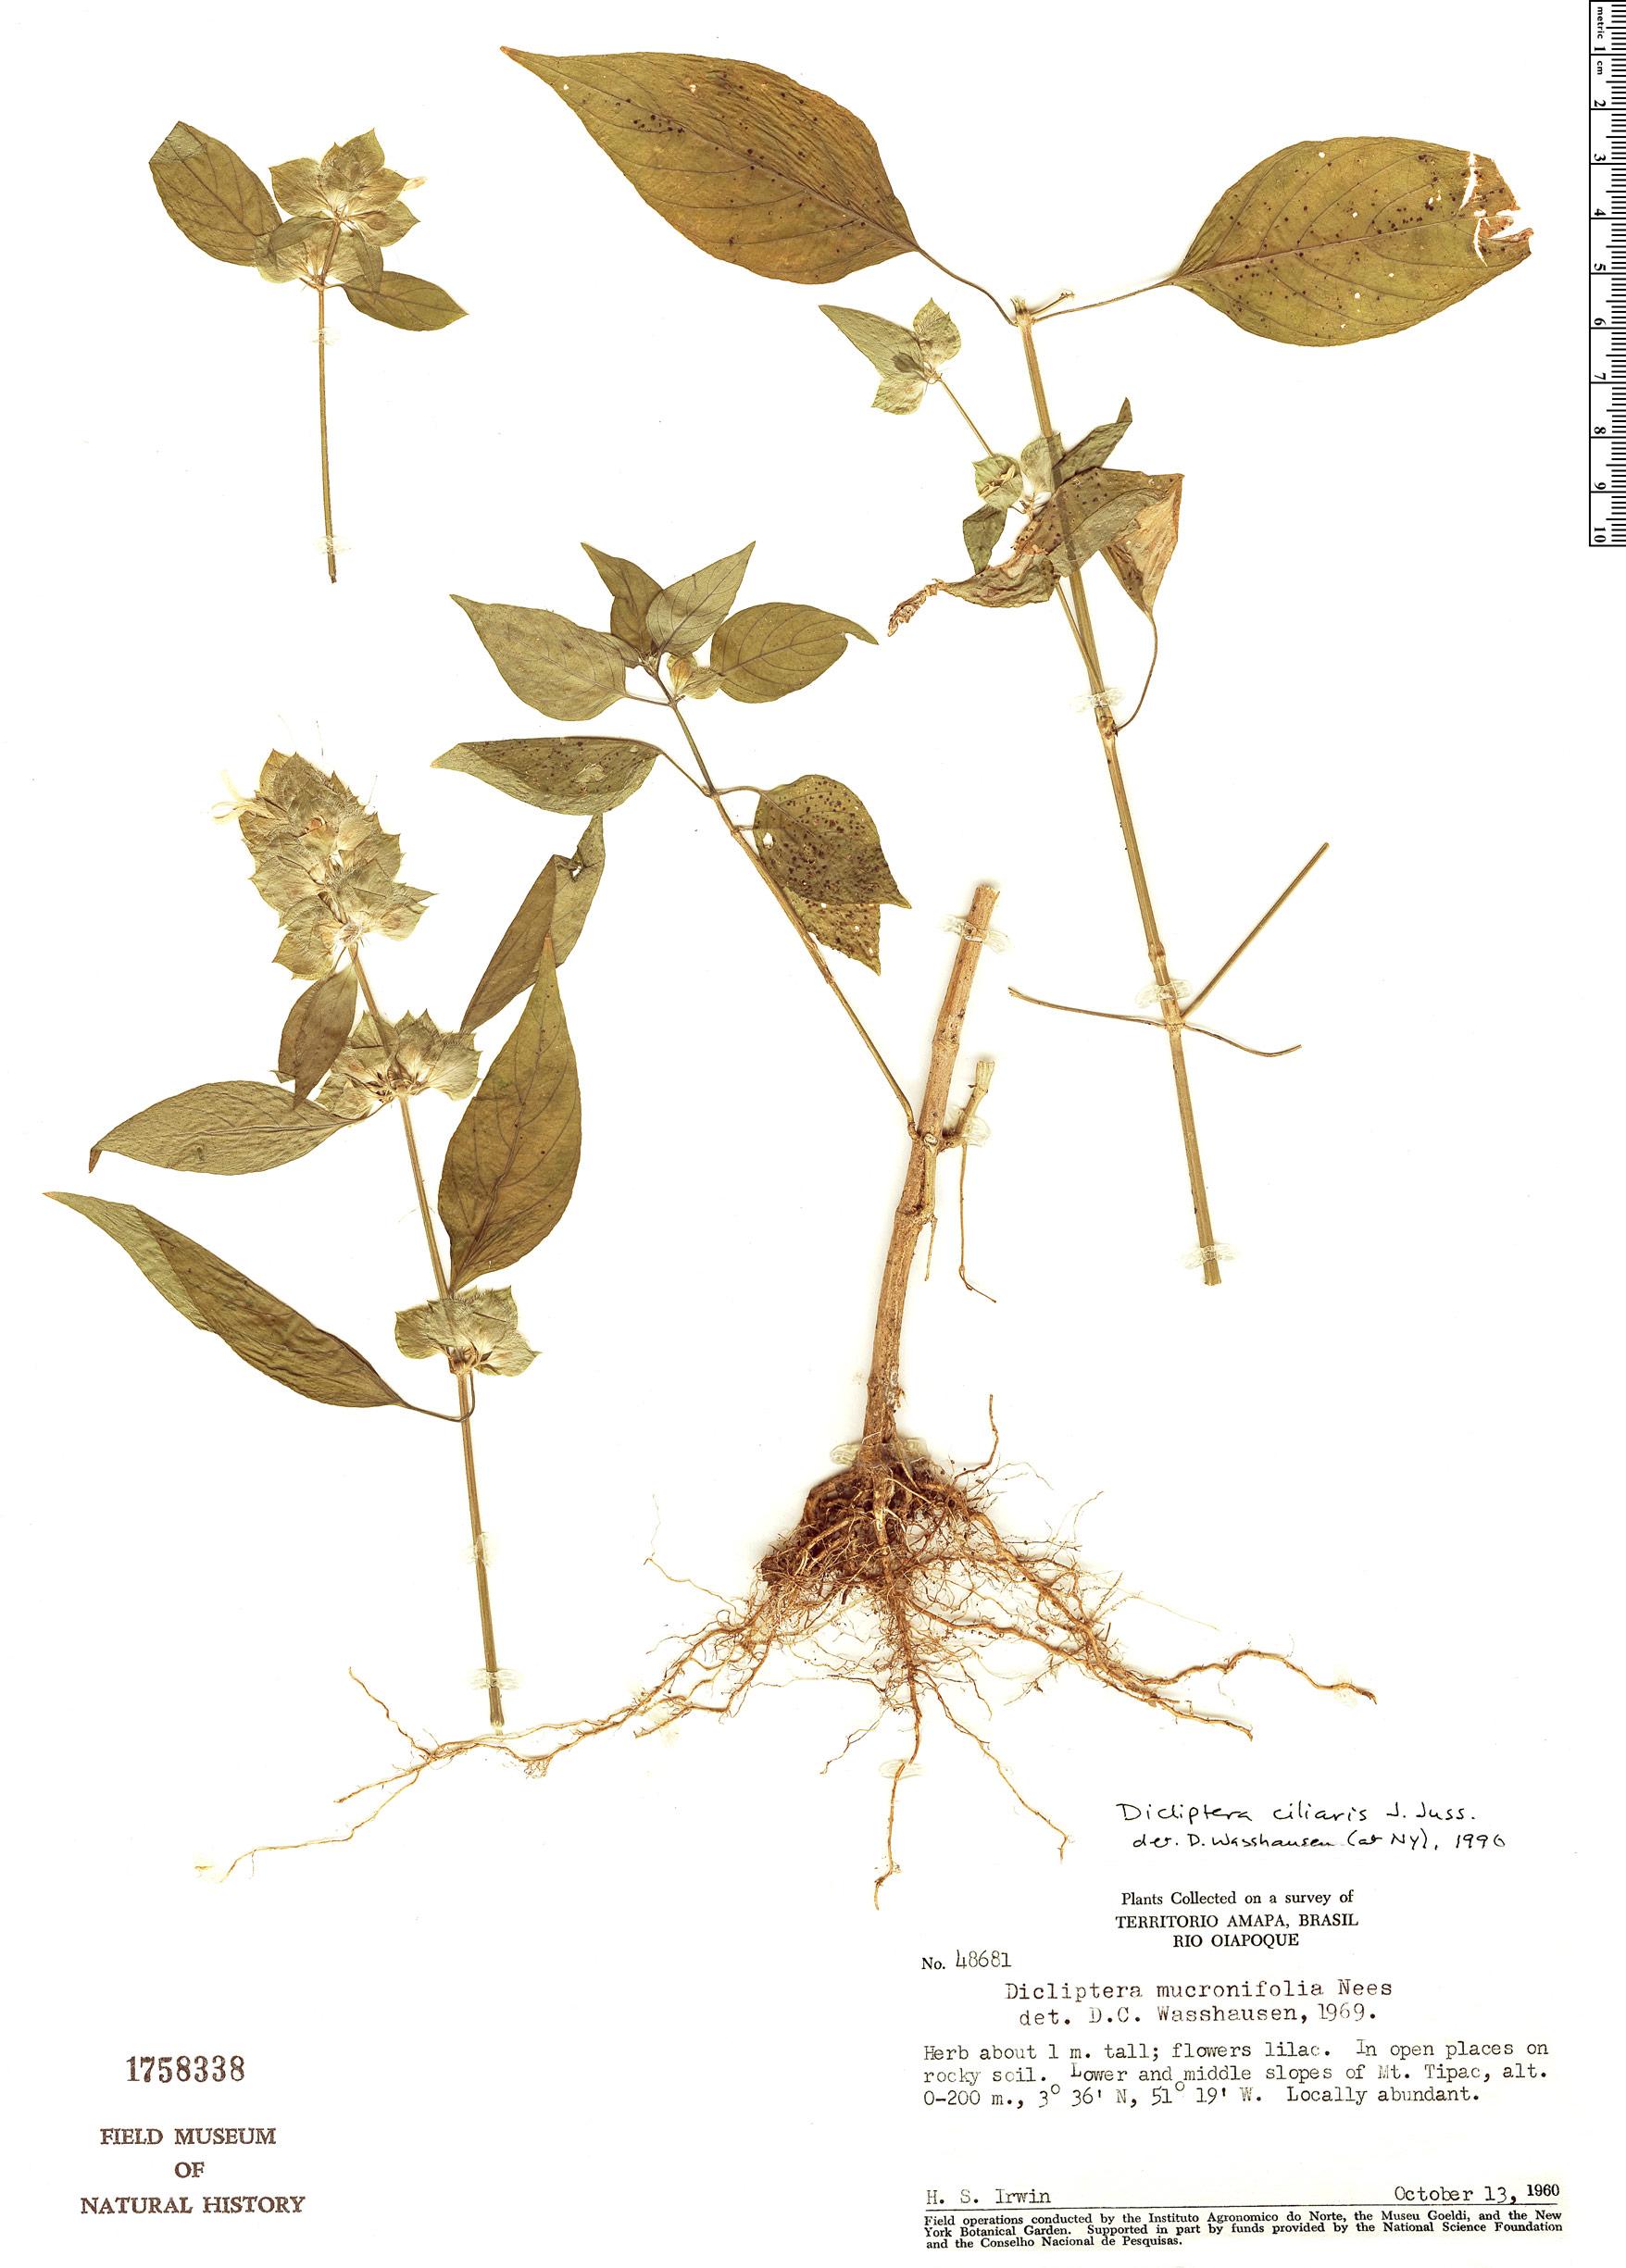 Specimen: Dicliptera ciliaris